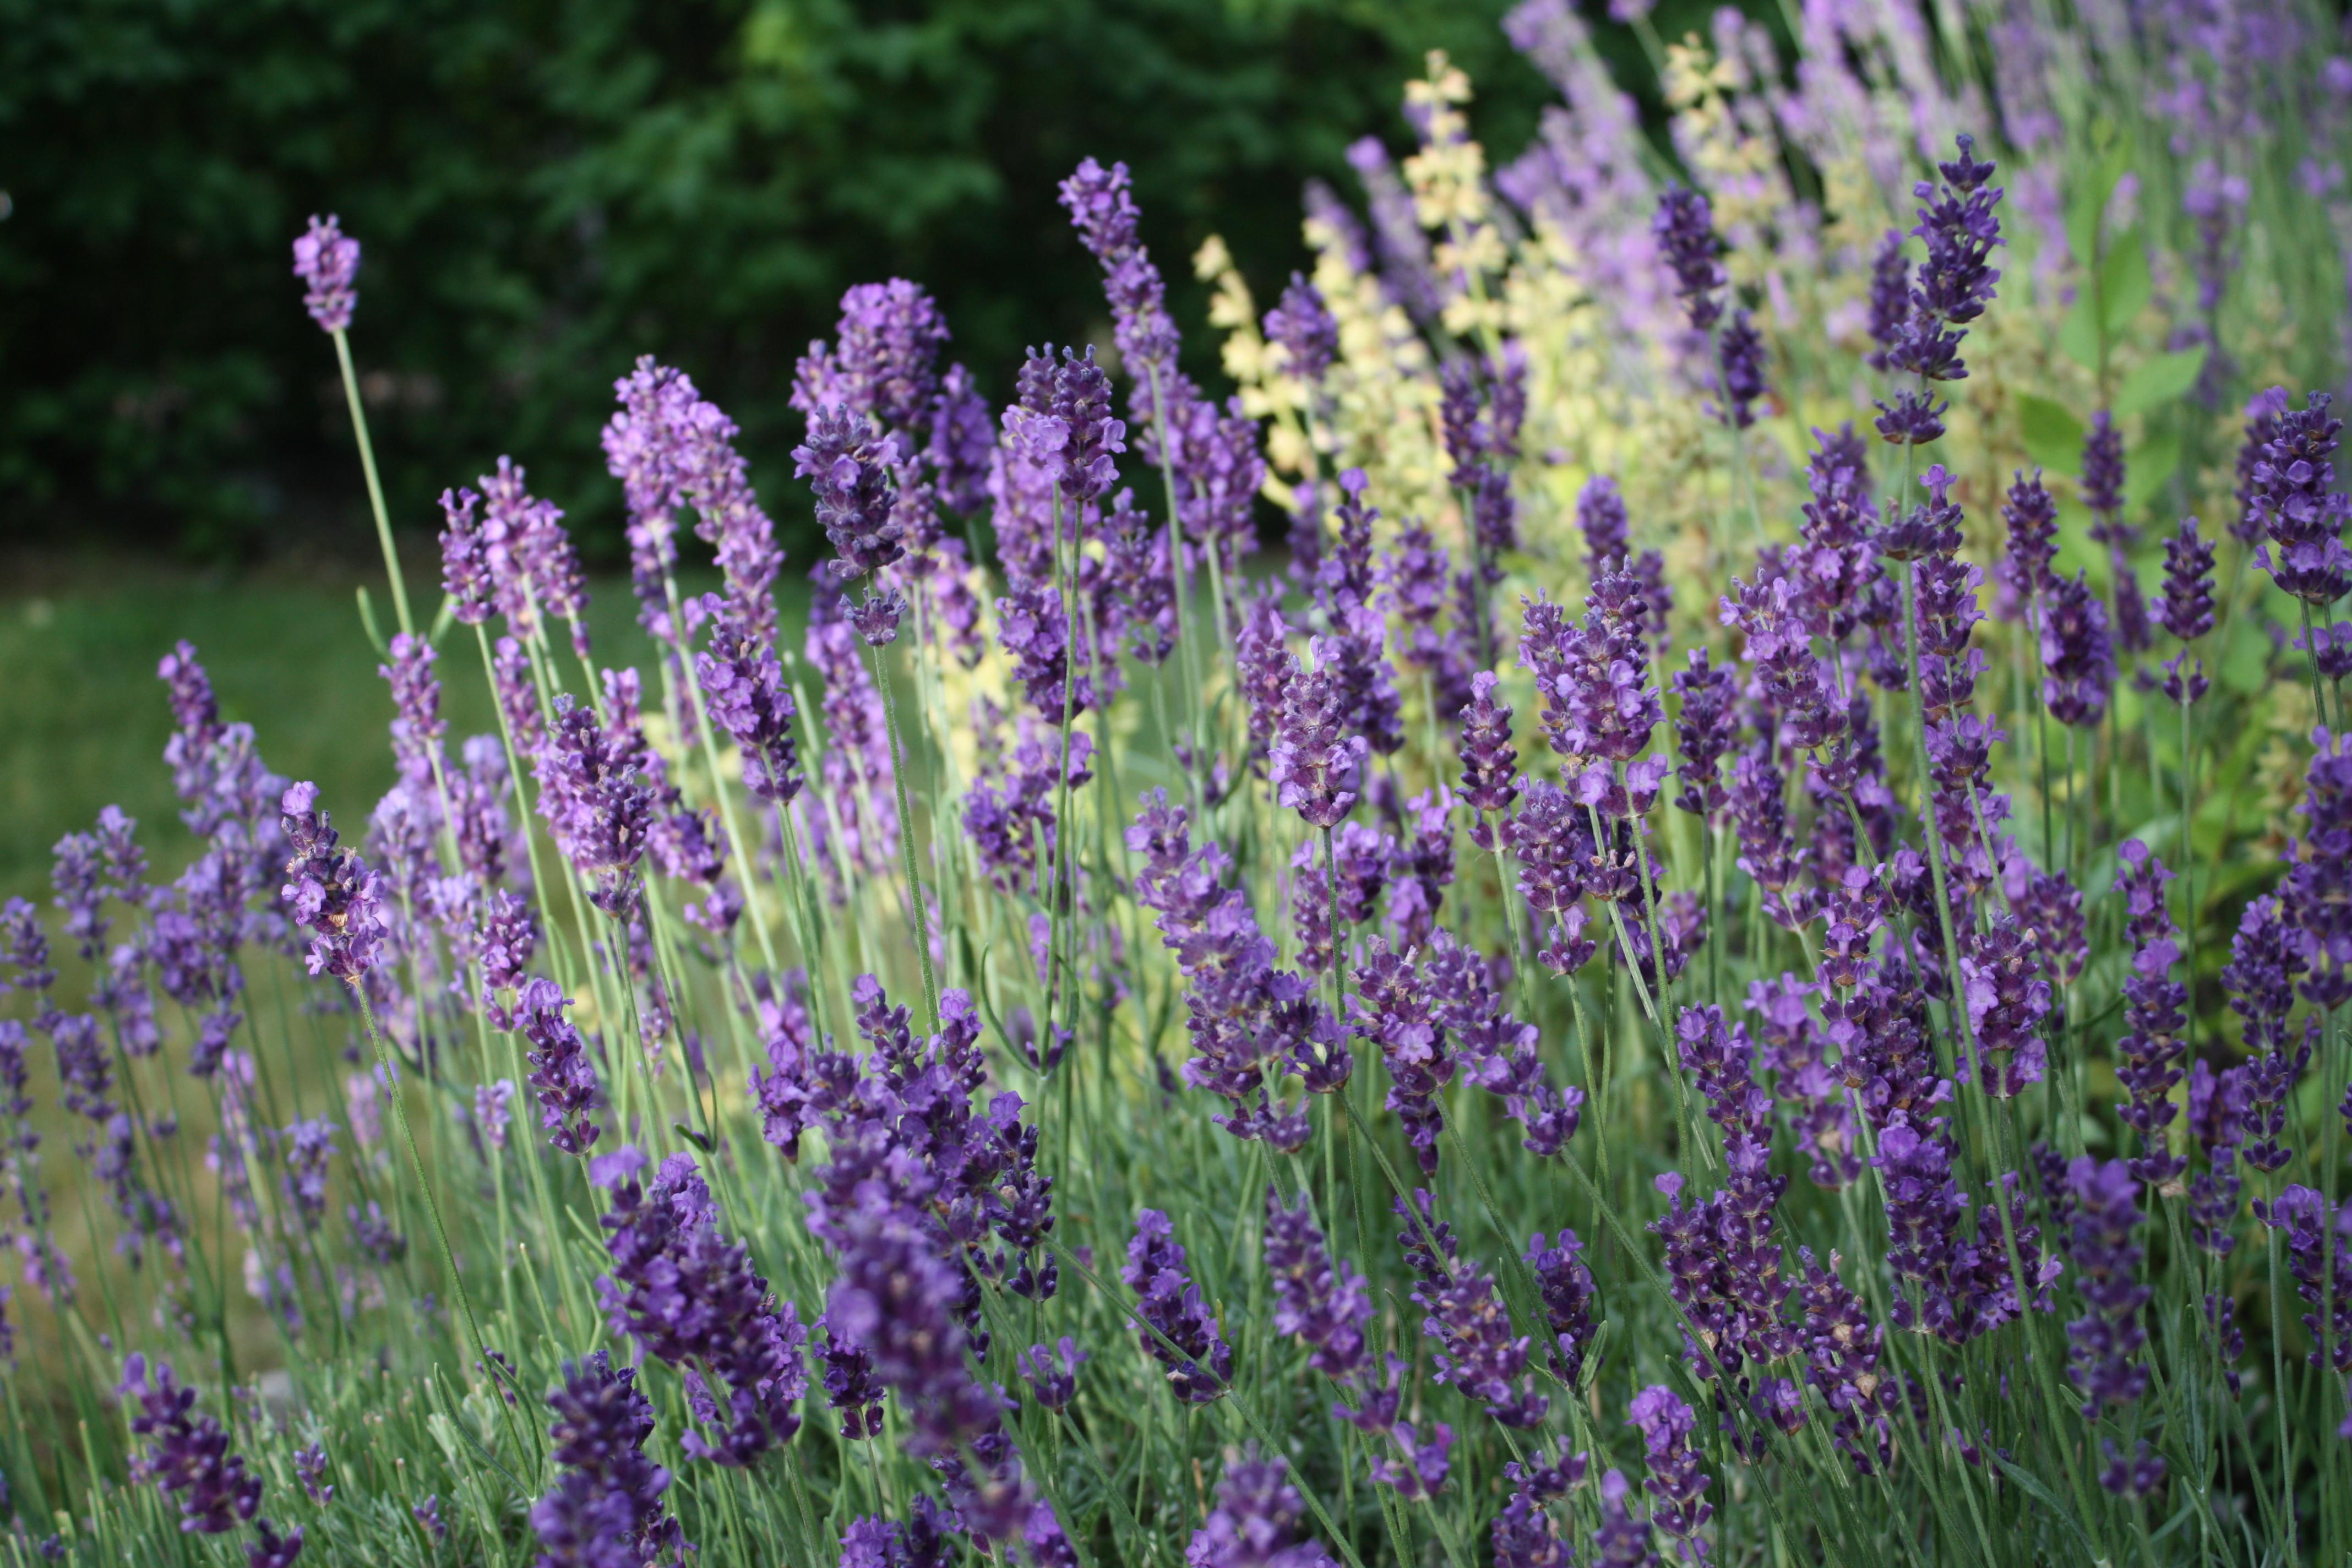 Beneficios del café molido para plantas y jardín - Urban Organic Gardener